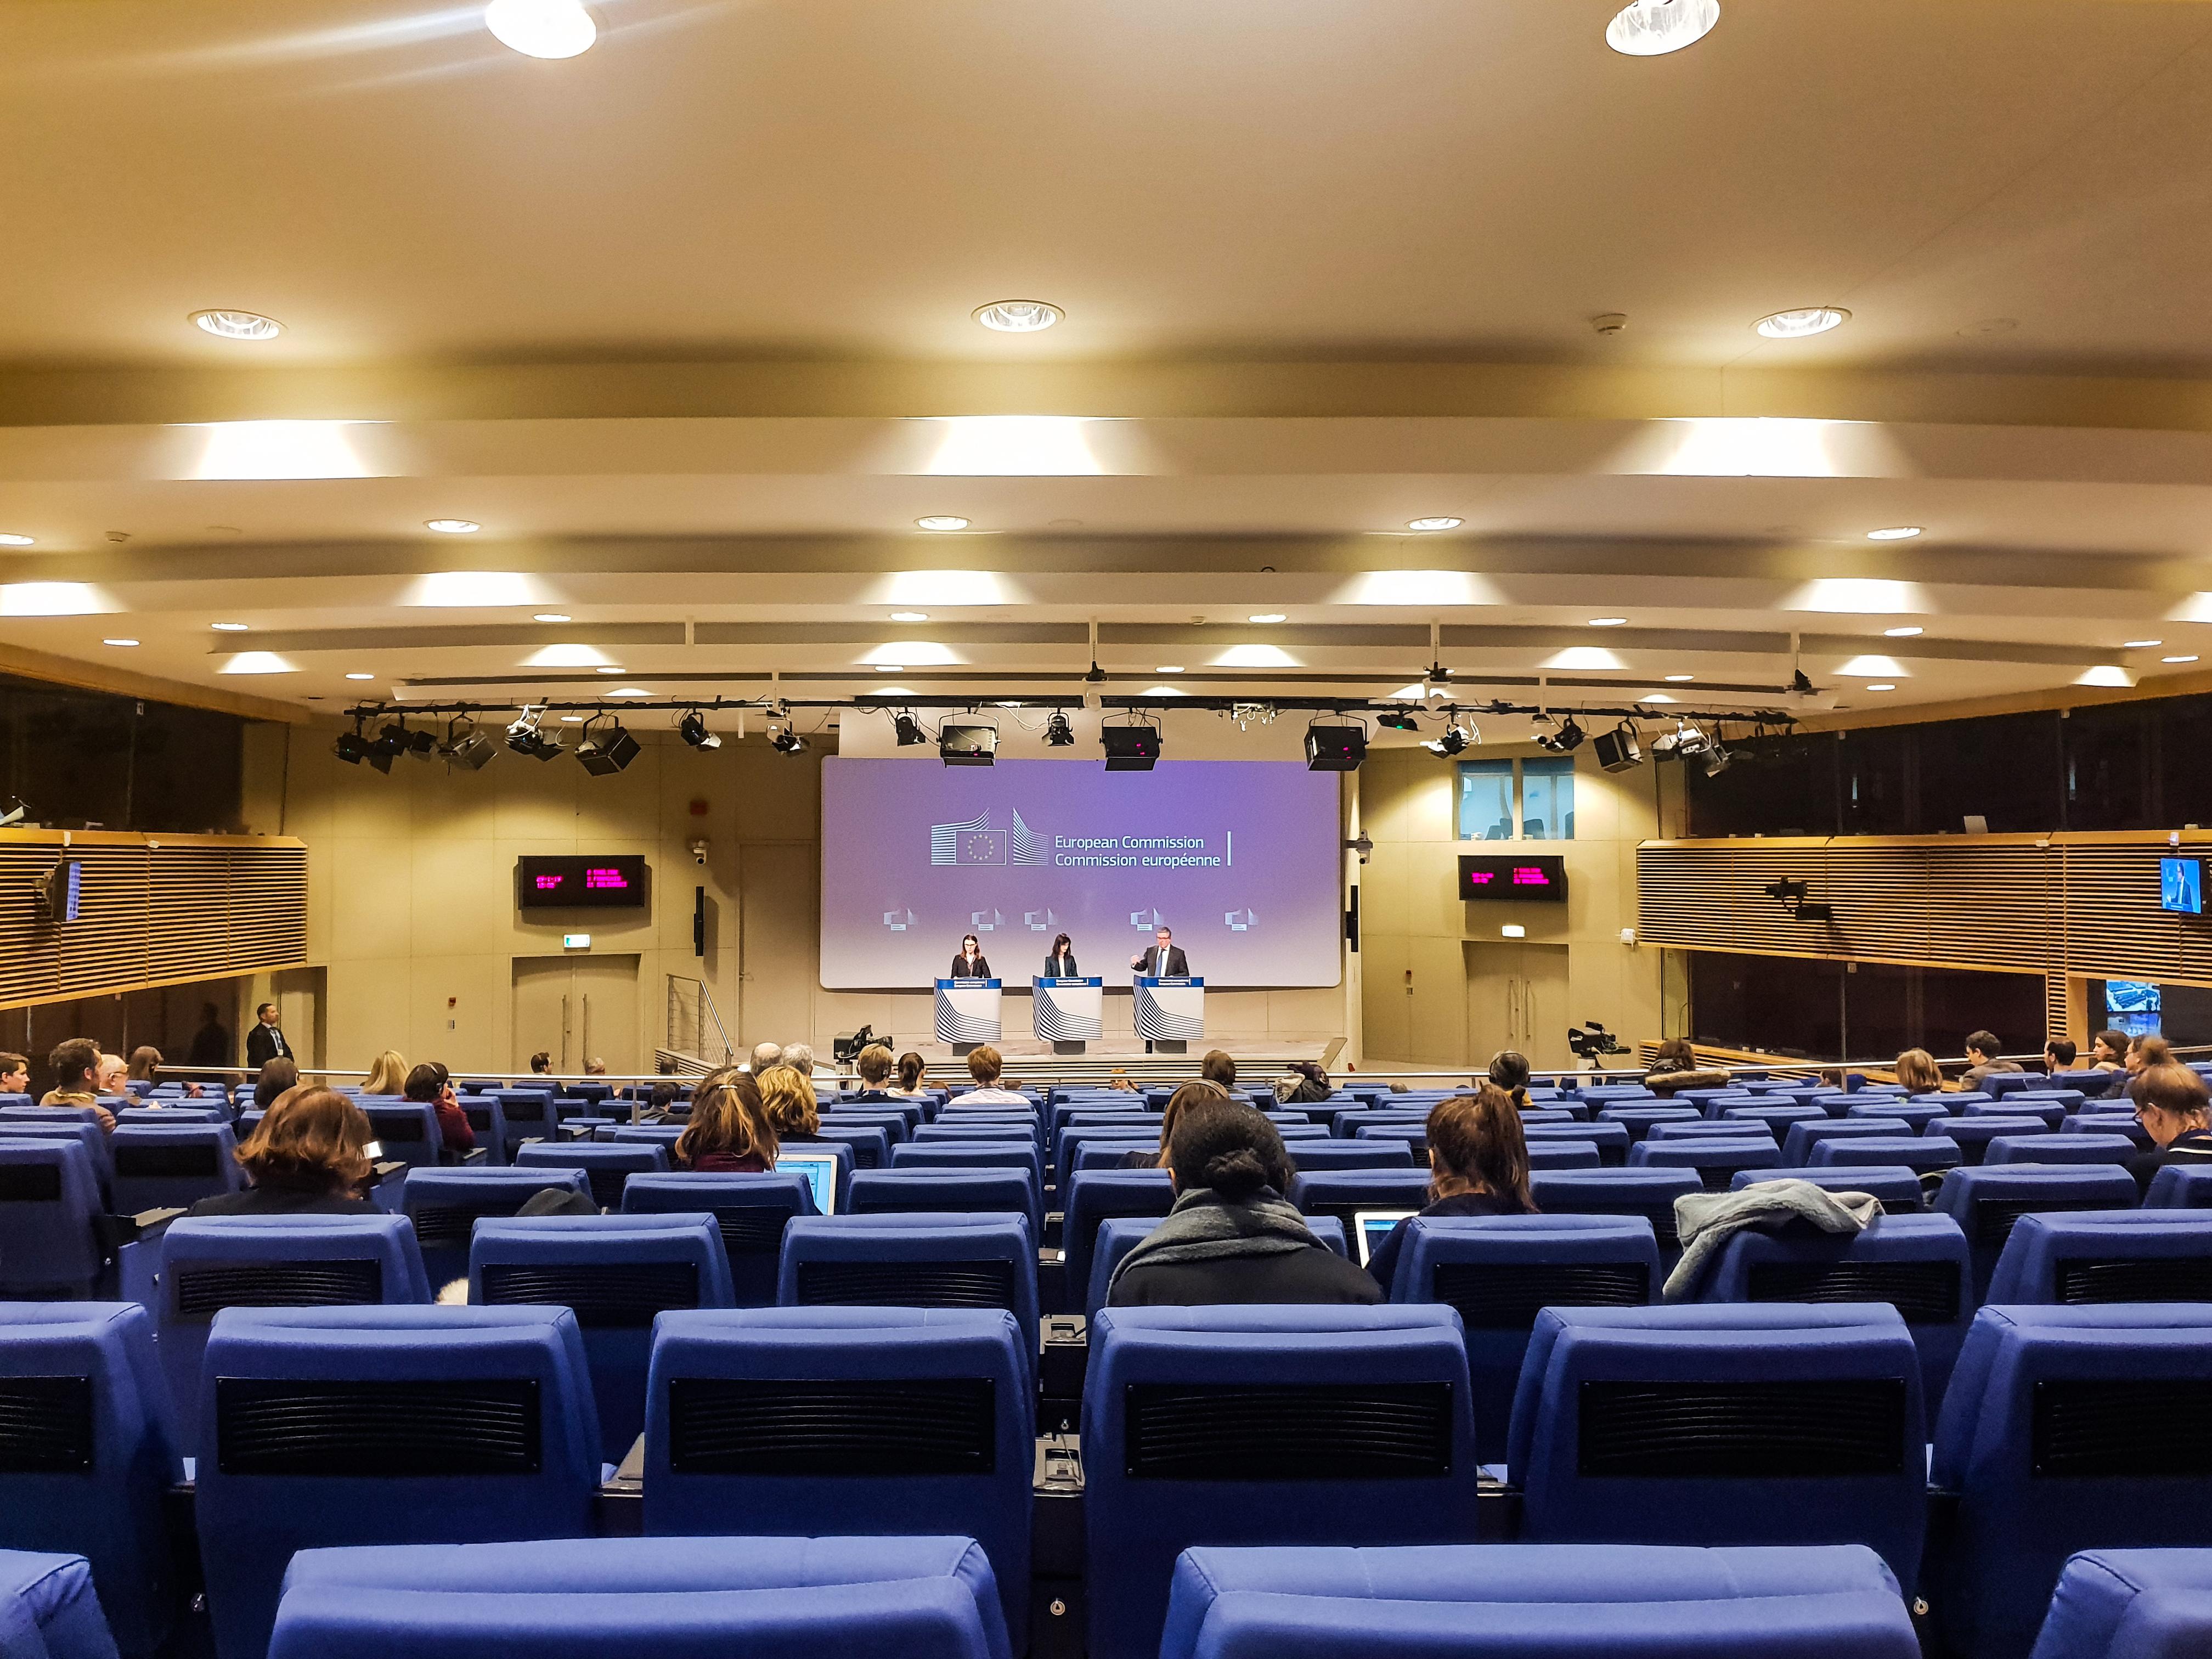 Séminaire influenceurs à Bruxelles avec la Commission Européenne 2